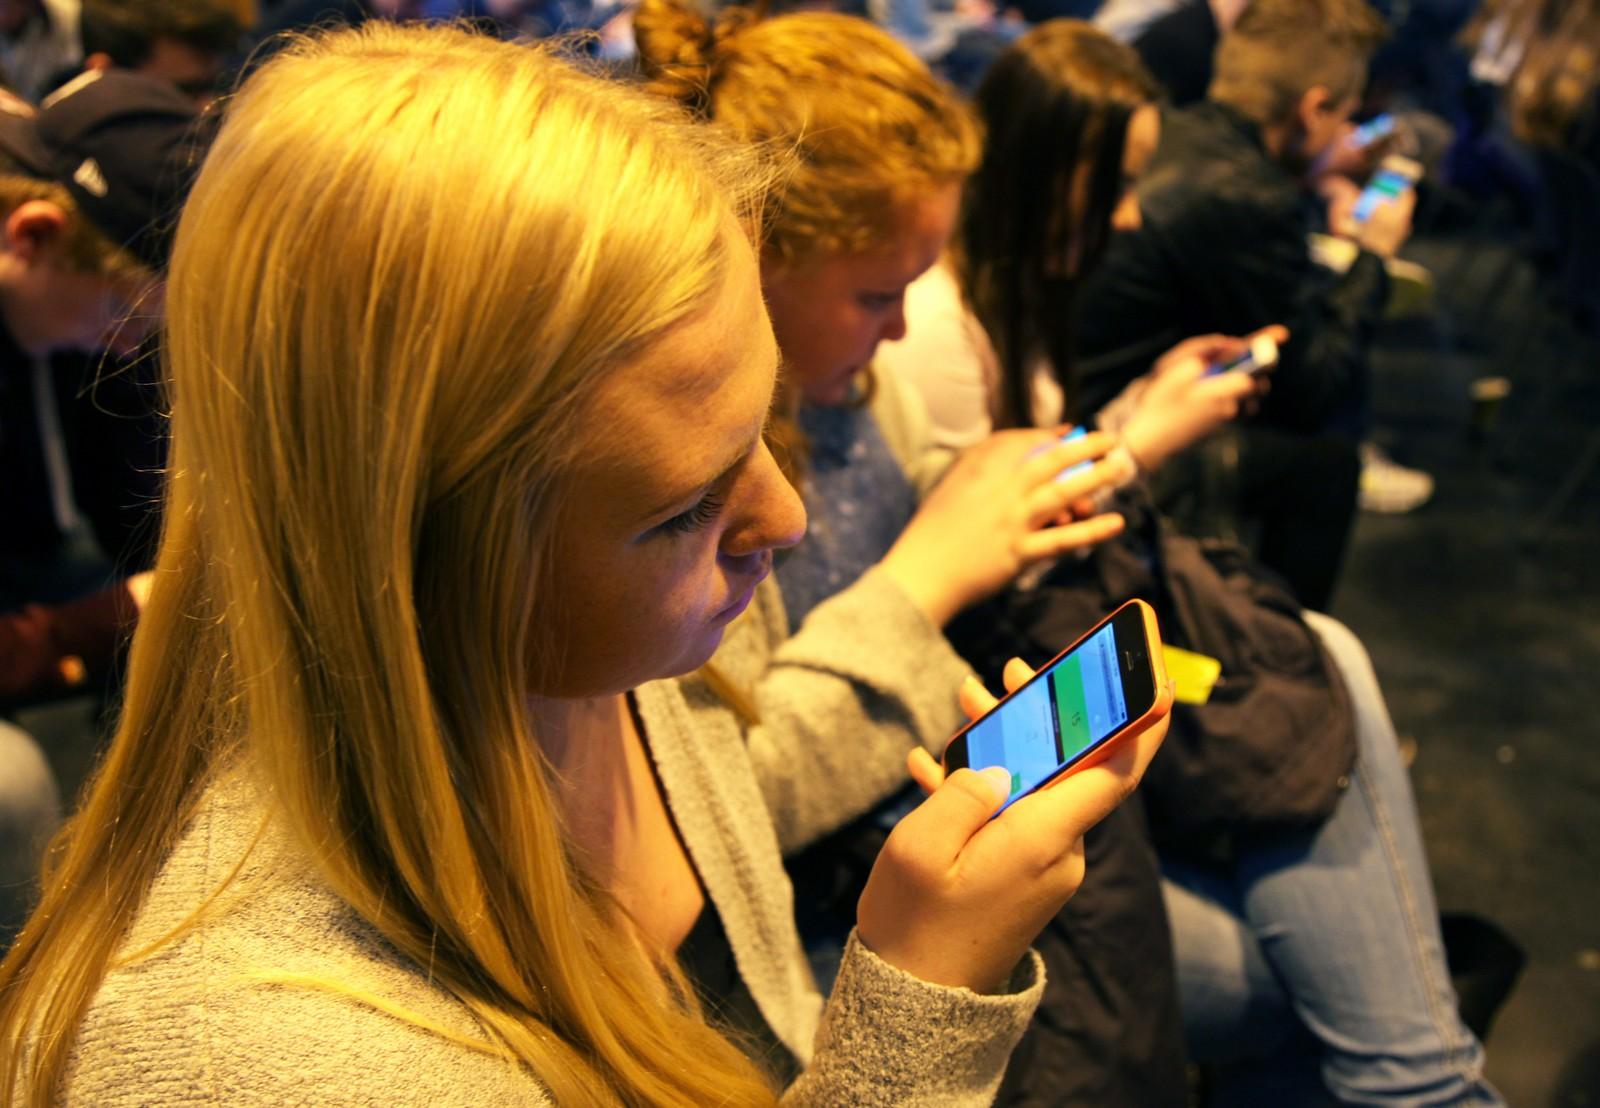 Alle elevene brukte mobilen aktivt, for spillene er der.